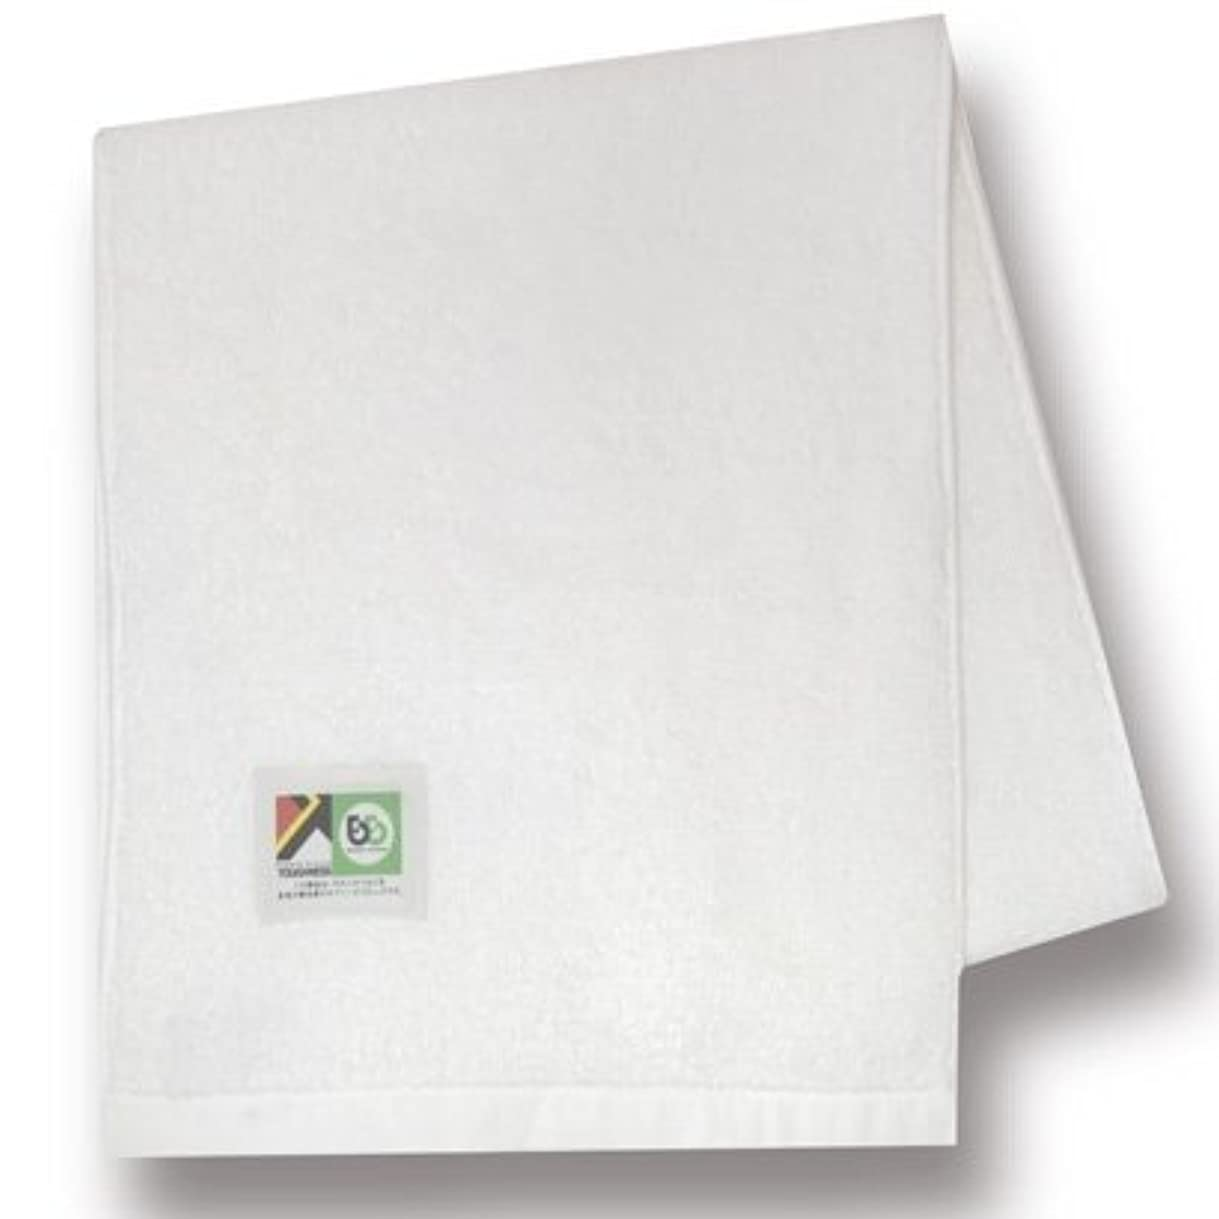 きゅうり解くサイトBreezeBronze(ブリーズブロンズ) ワークタオル ホワイト T-4-WH